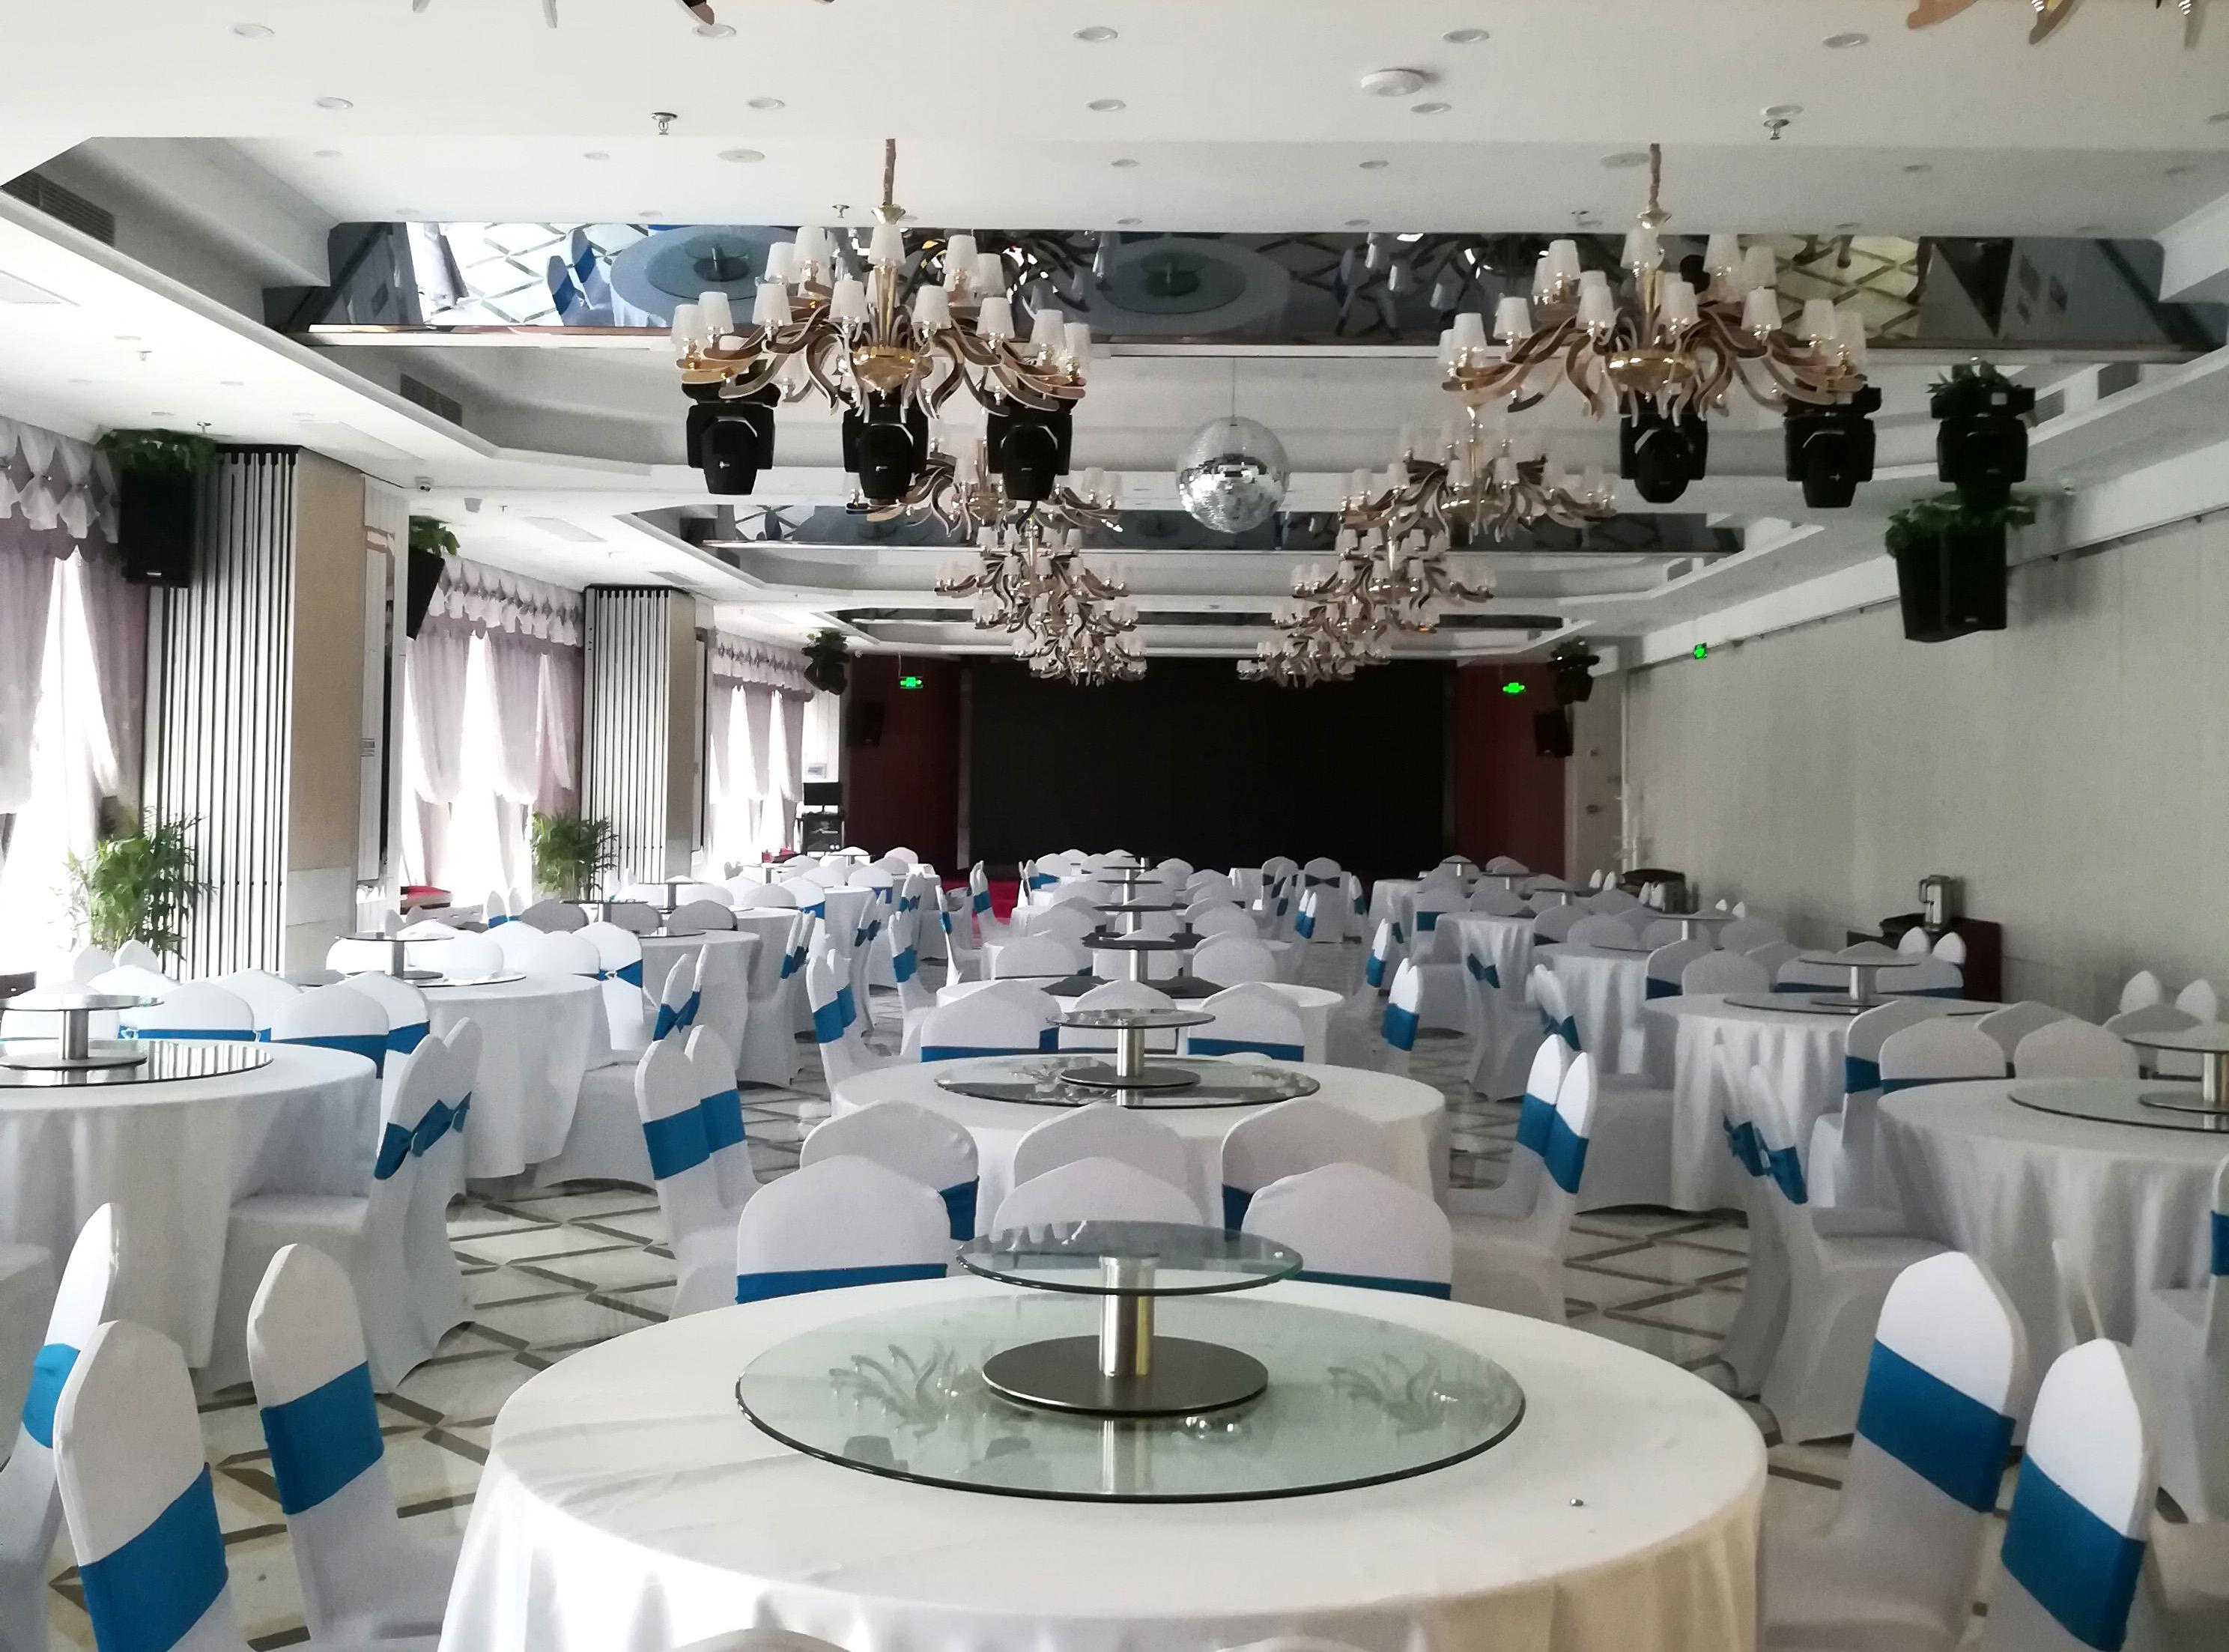 亿博国际备用网站电子(King-Bang)专业扩声系成功进驻南京浦口市民中心酒店宴会厅